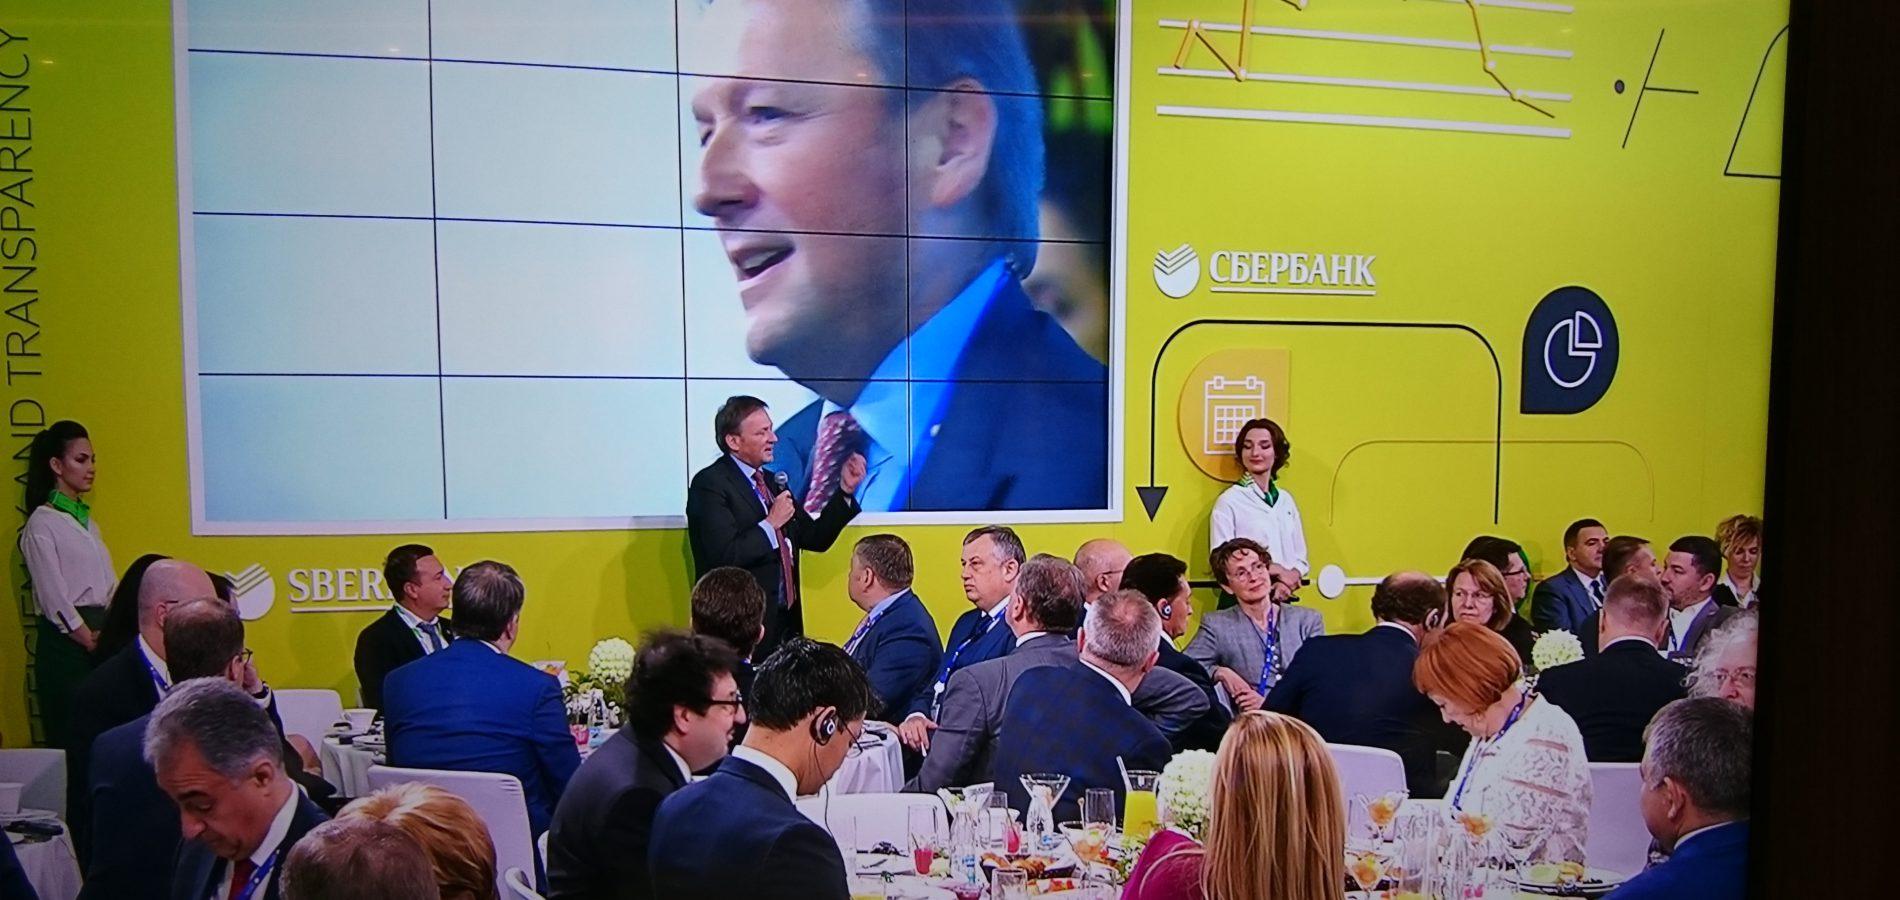 Борис Титов: «Бизнес уже дал Кудрину свой ответ в «Стратегии роста»